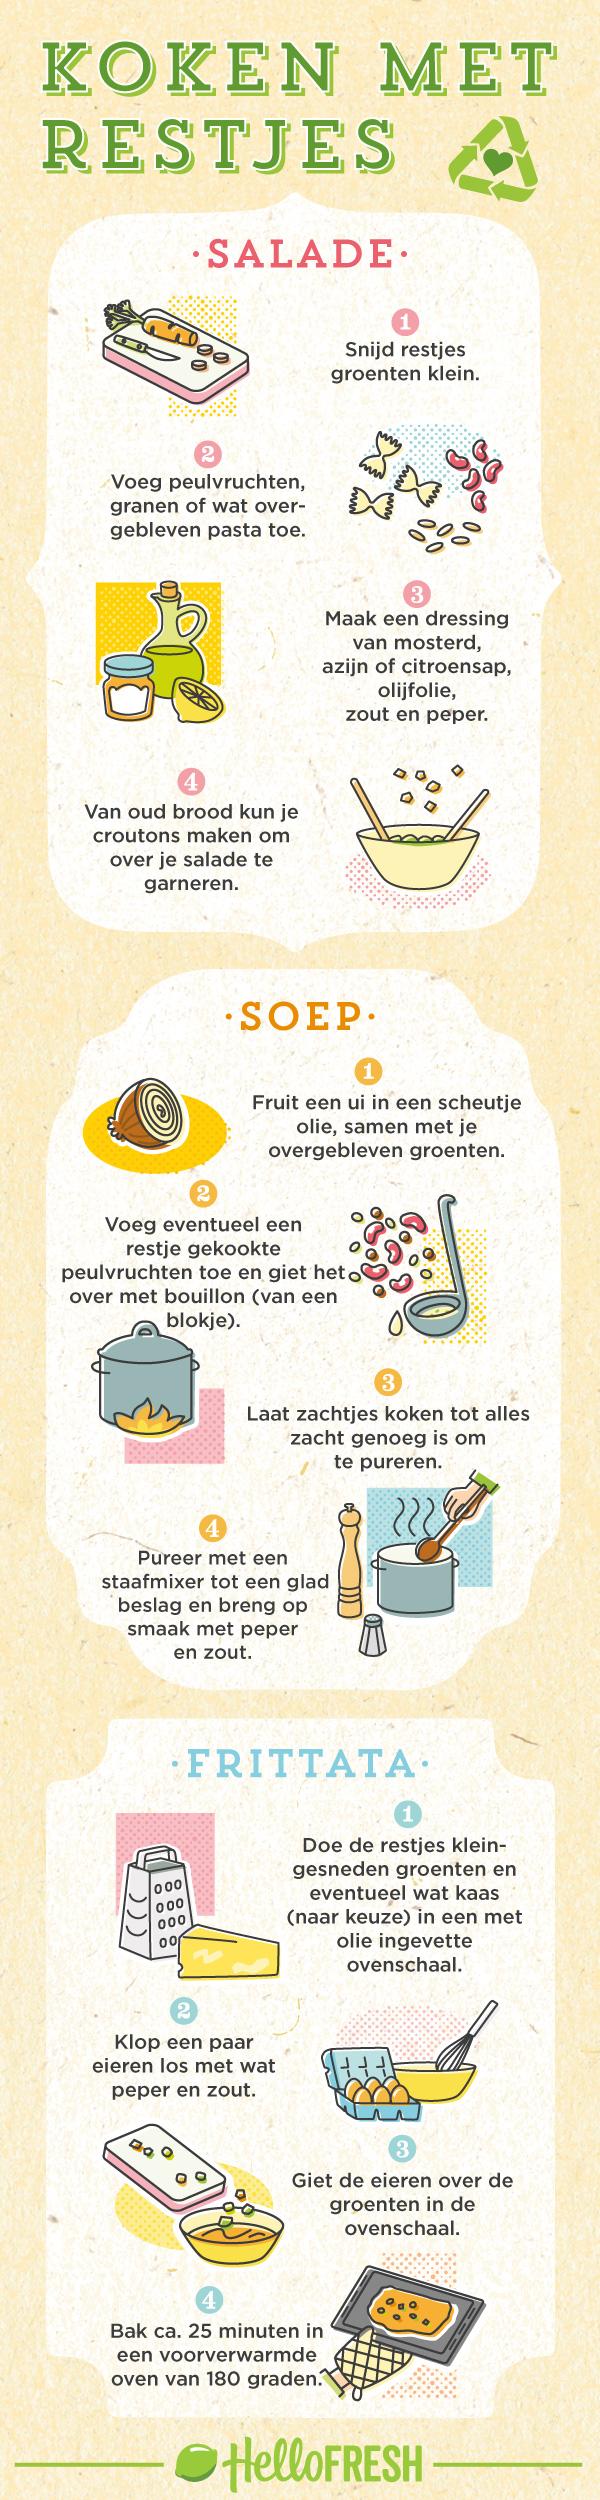 infographic koken met restjes